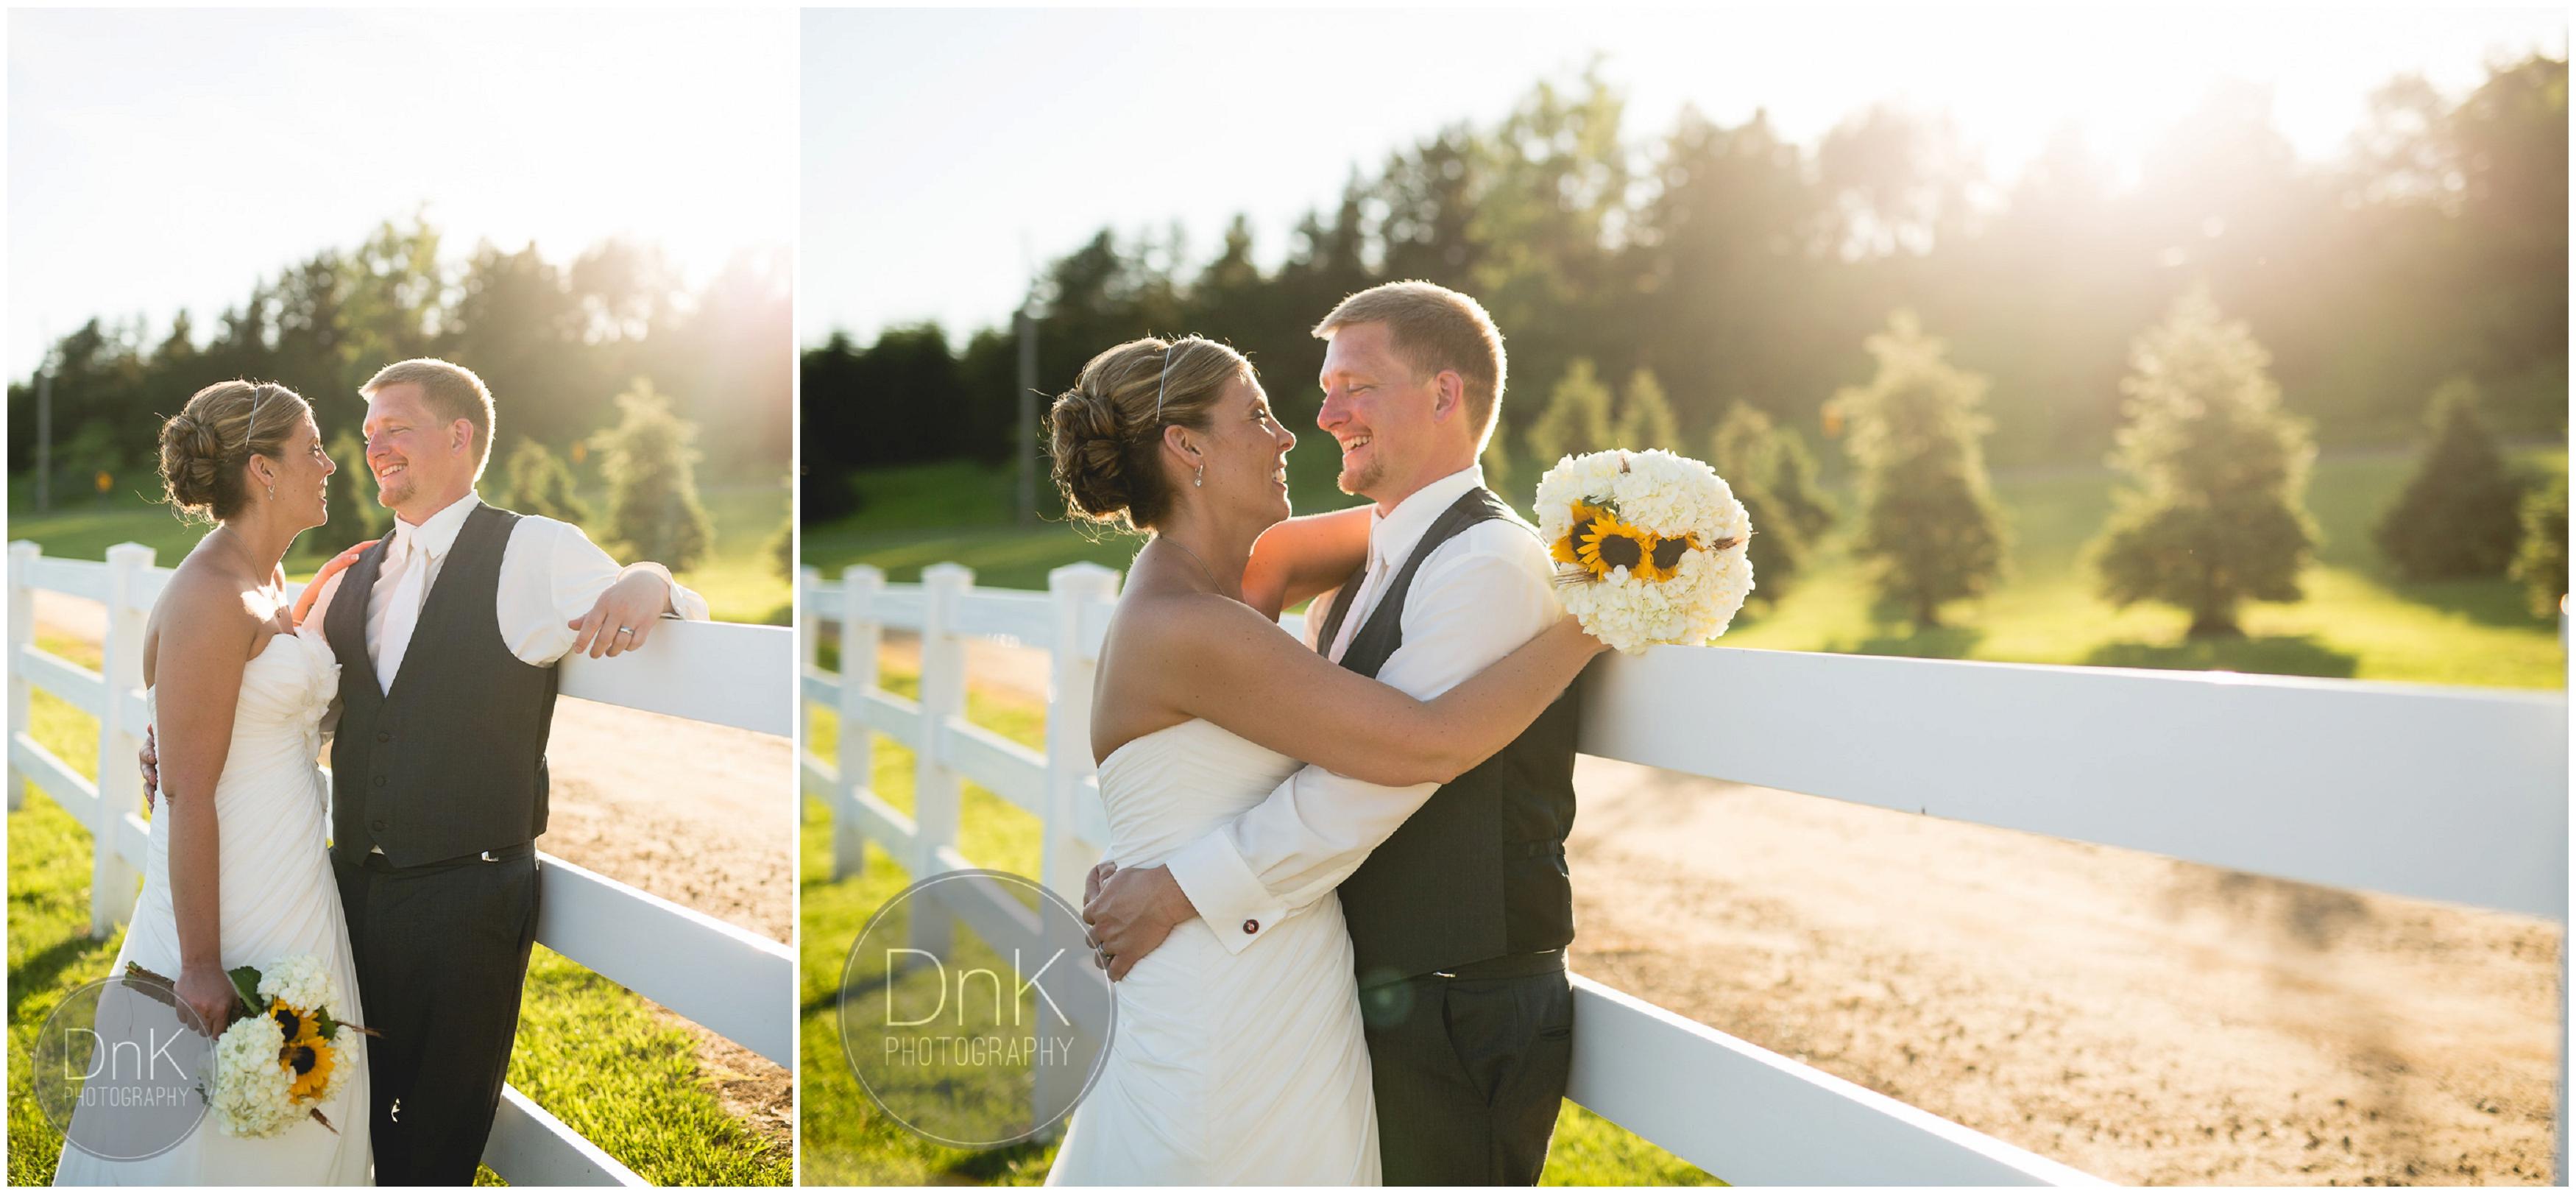 44- Outdoor Wedding Pictures